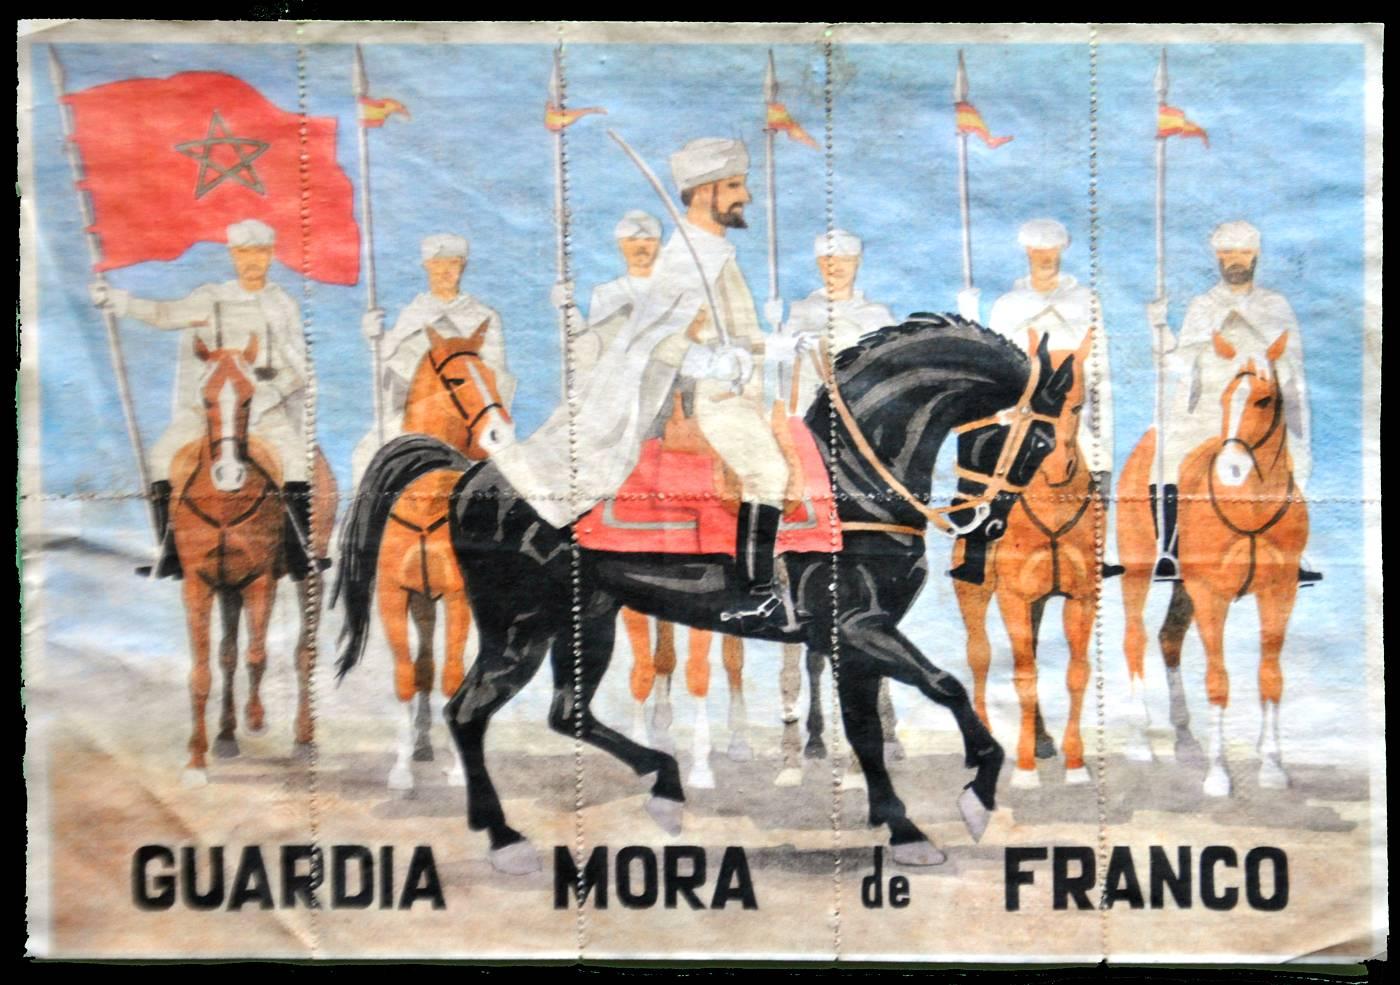 Guardia mora de Franco